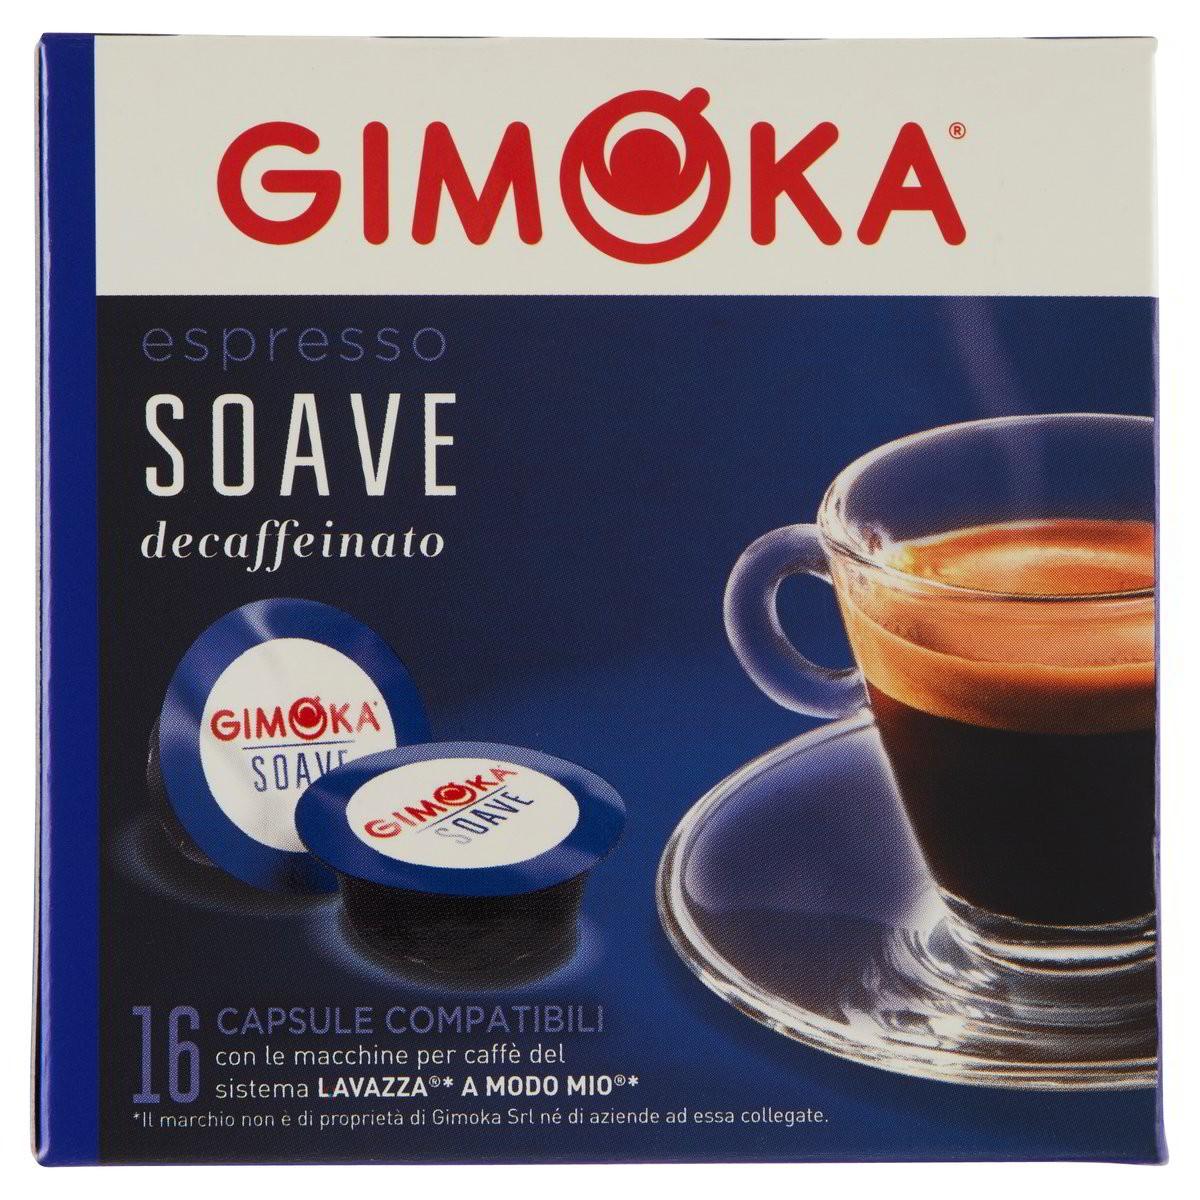 Gimoka Capsule per caffè Espresso Soave